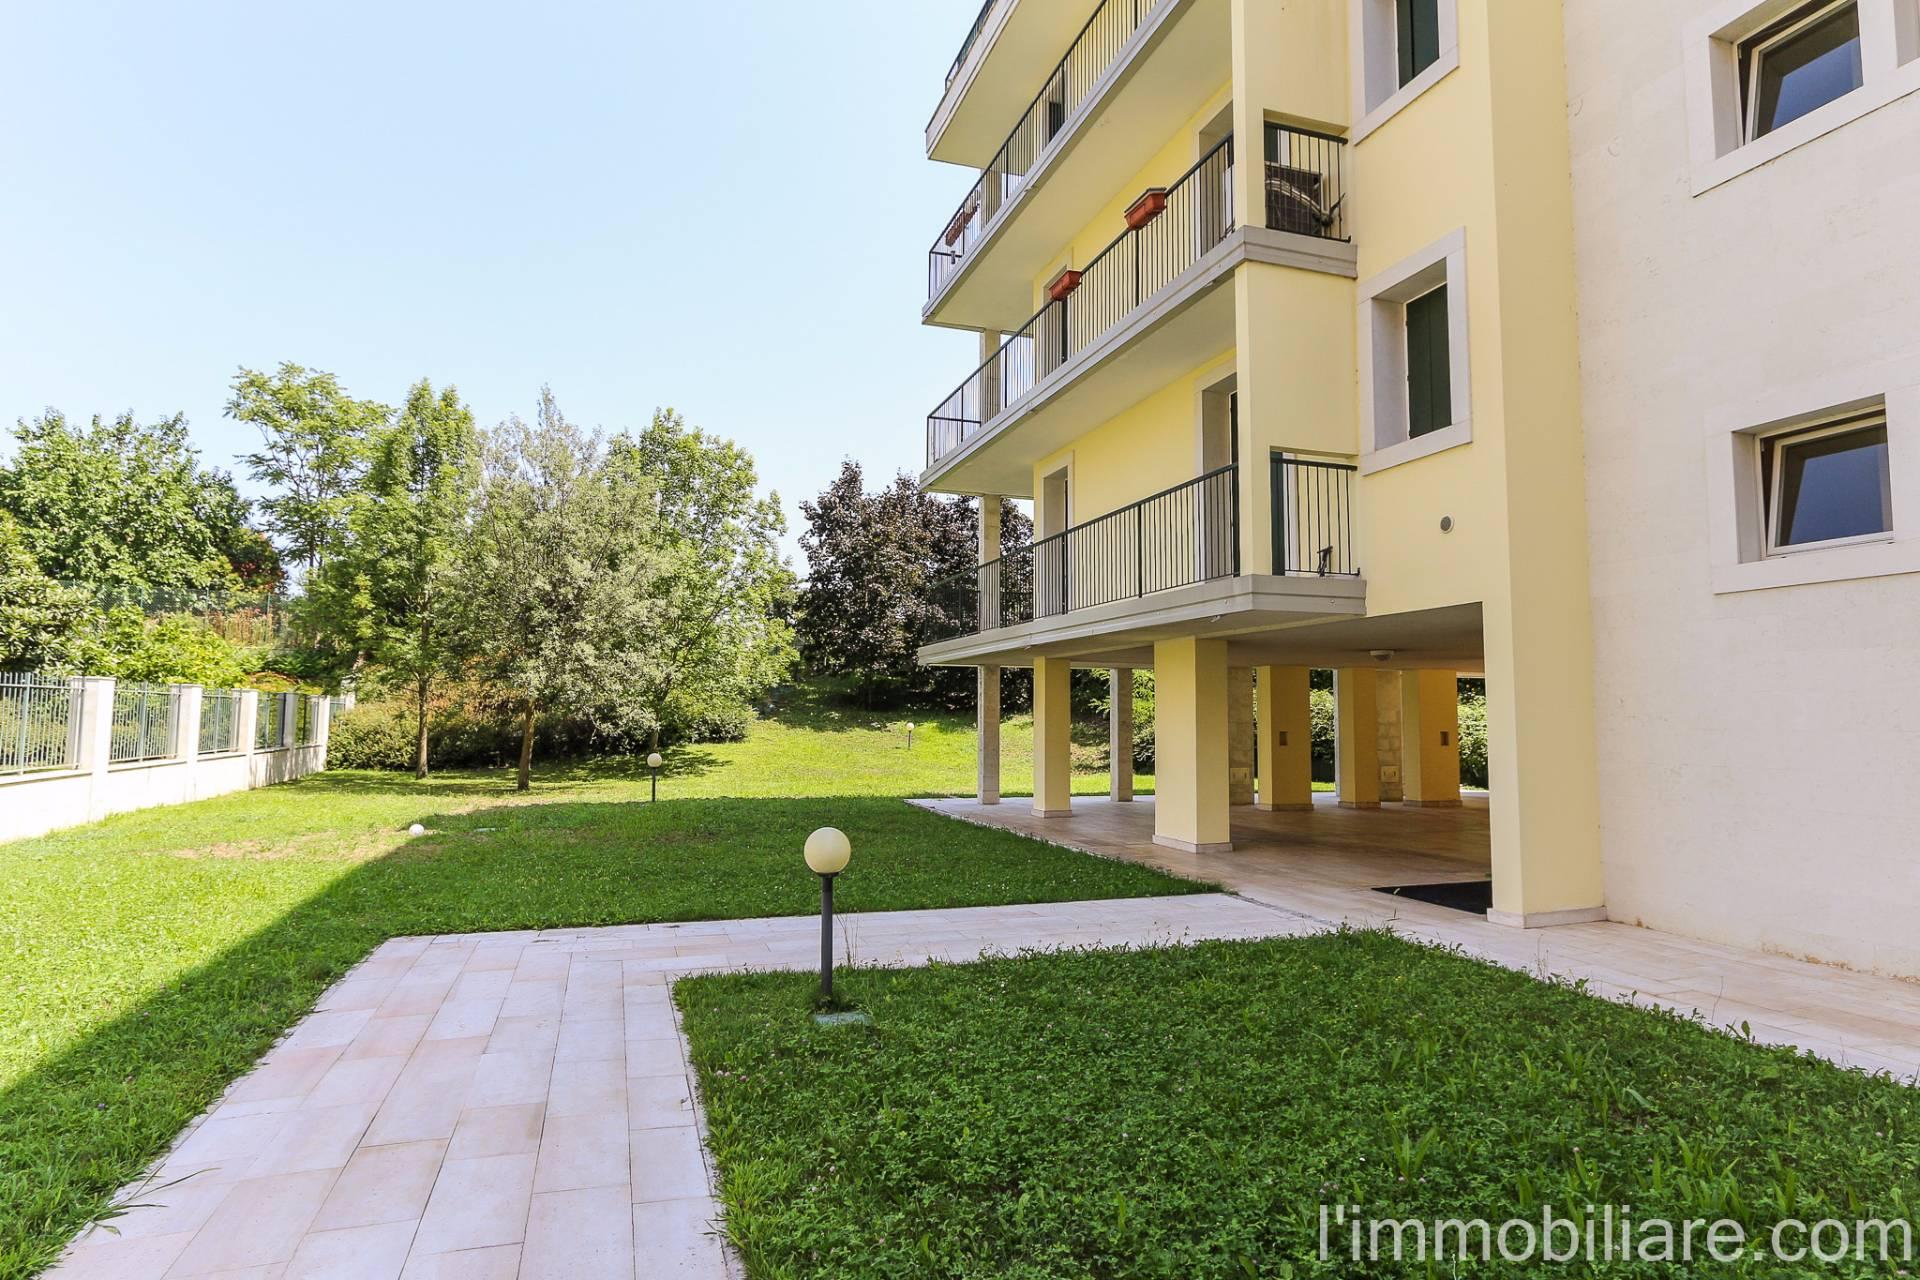 Appartamento in affitto a Verona, 5 locali, zona Località: PonteCrencano, prezzo € 1.100 | CambioCasa.it